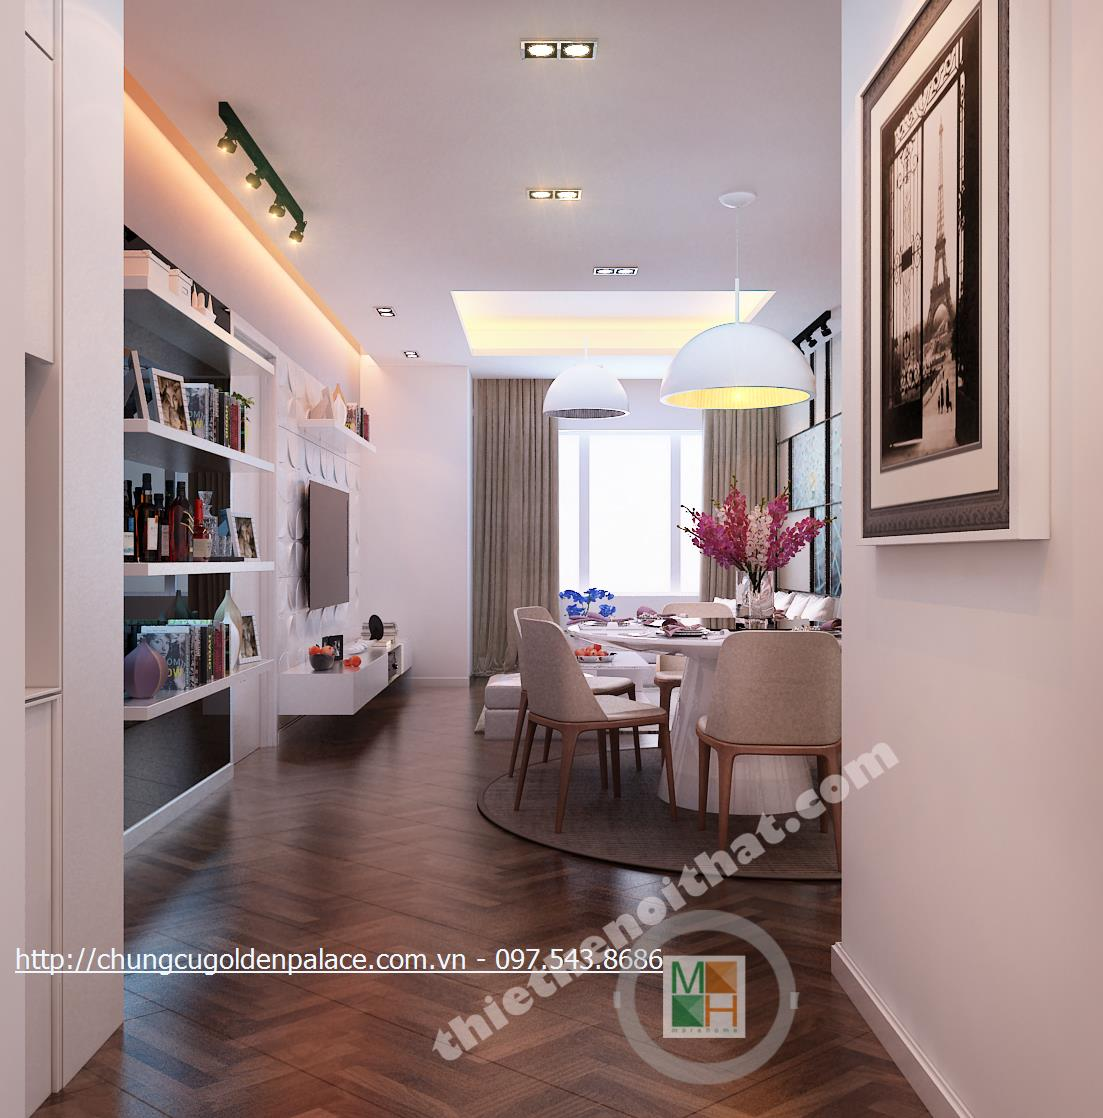 Thiết kế nội thất chung cư Golden Palace hiện đại